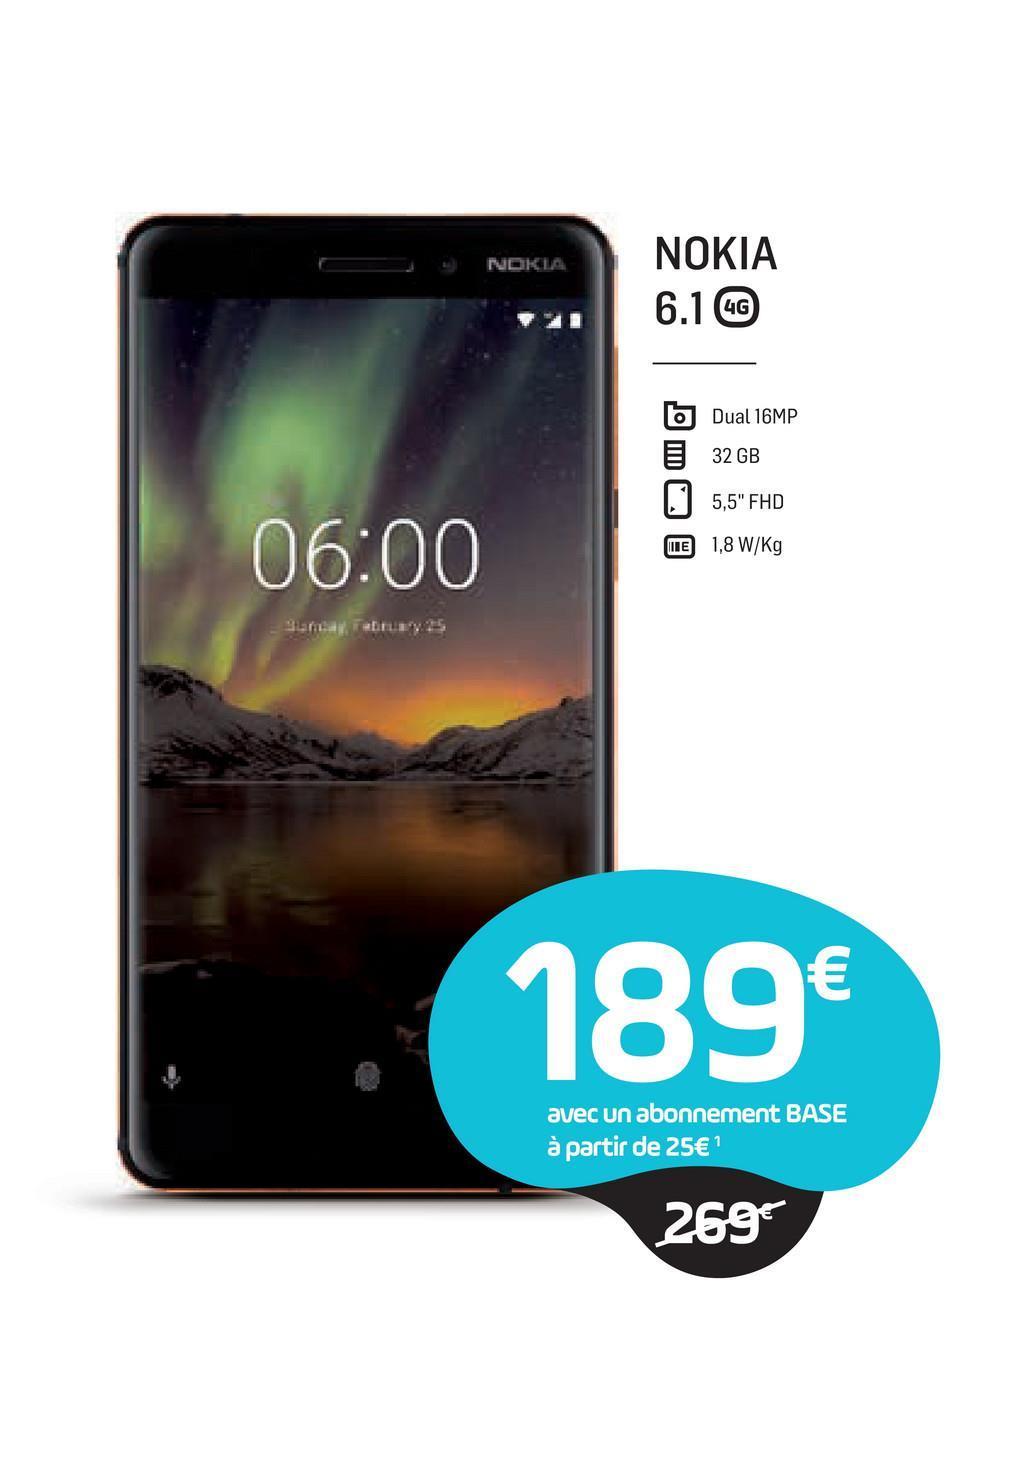 """NDKLA NOKIA 6.1 CG 6 Dual 16MP 32 GB 15,5"""" FHD DE 1,8 W/Kg 06:00 Ev 15 189€ avec un abonnement BASE à partir de 25€ 269€"""